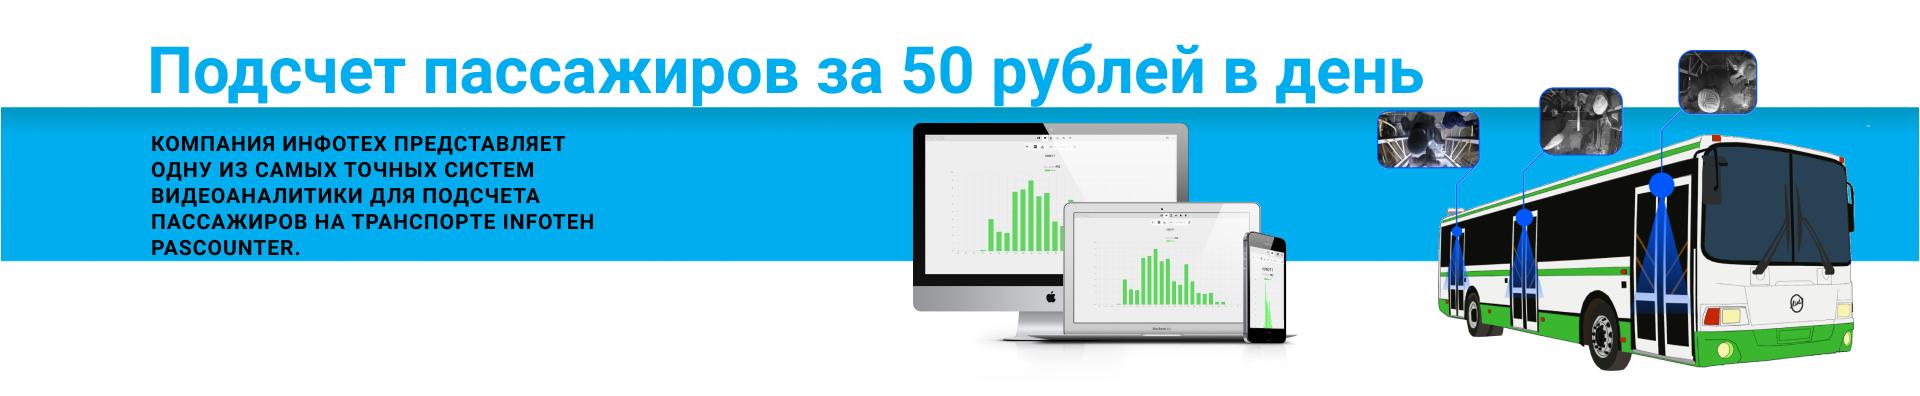 Подсчет пассажиров за 50 рублей в день | INFOTEH PASCOUNTER